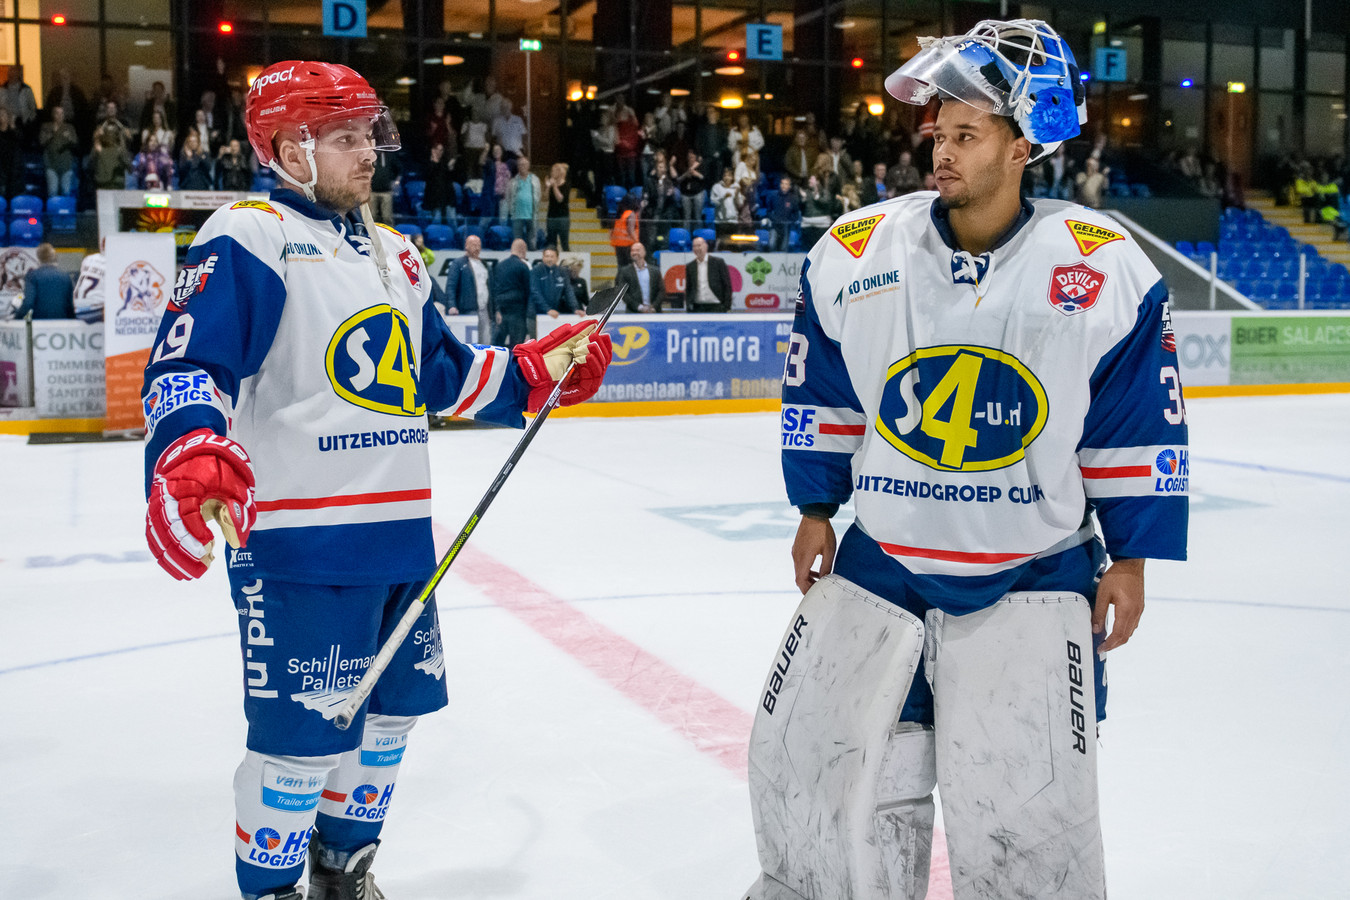 Jeffrey Melissant (links) en Deniz Mollen (rechts) spelen ook volgend seizoen bij Nijmegen Devils. Zij worden teamgenoten van Tobie Collard, de eerste aanwinst van Nijmegen Devils voor volgend seizoen.